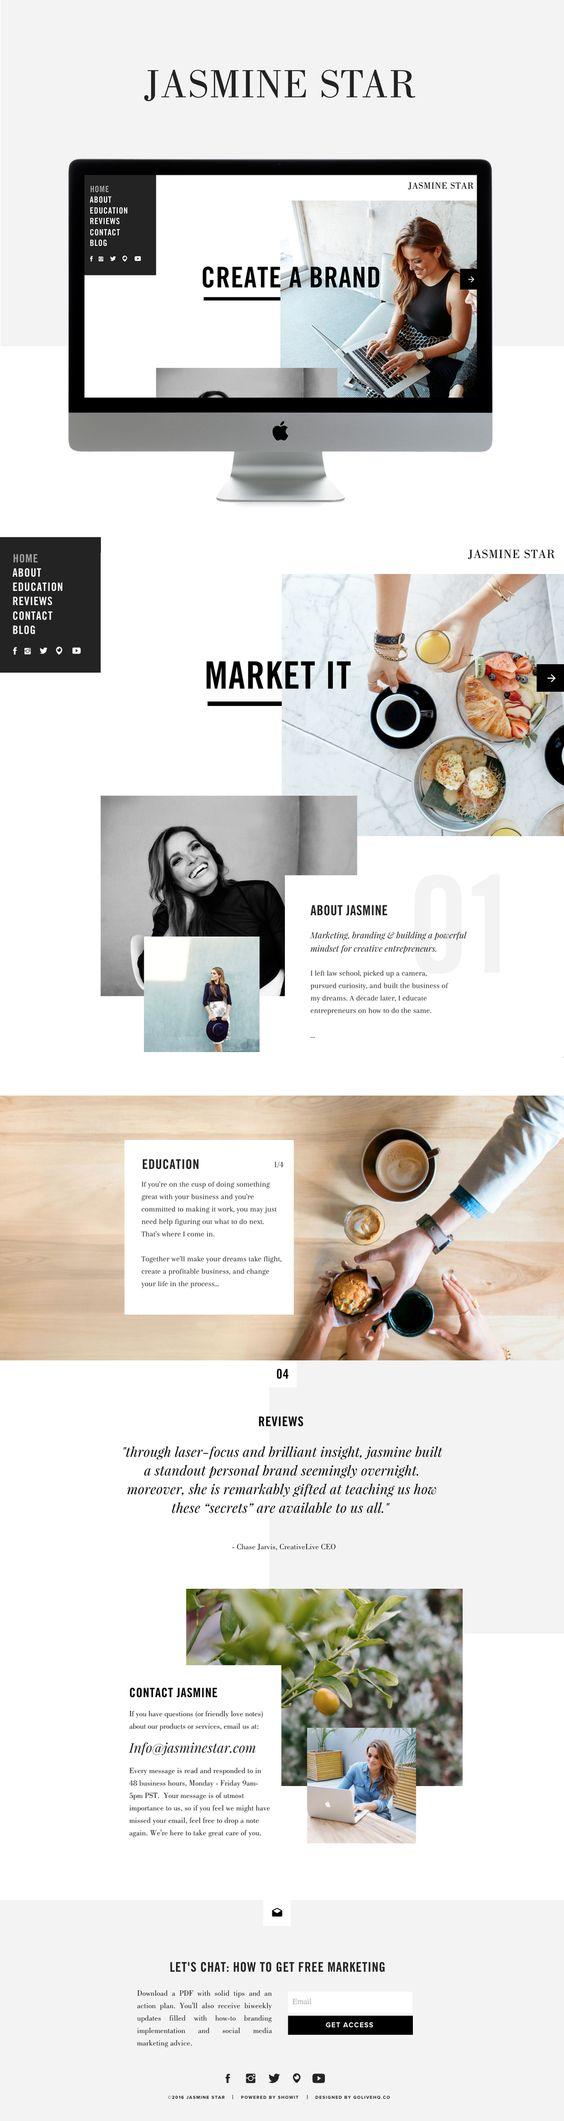 design web - Simple Website Design Ideas